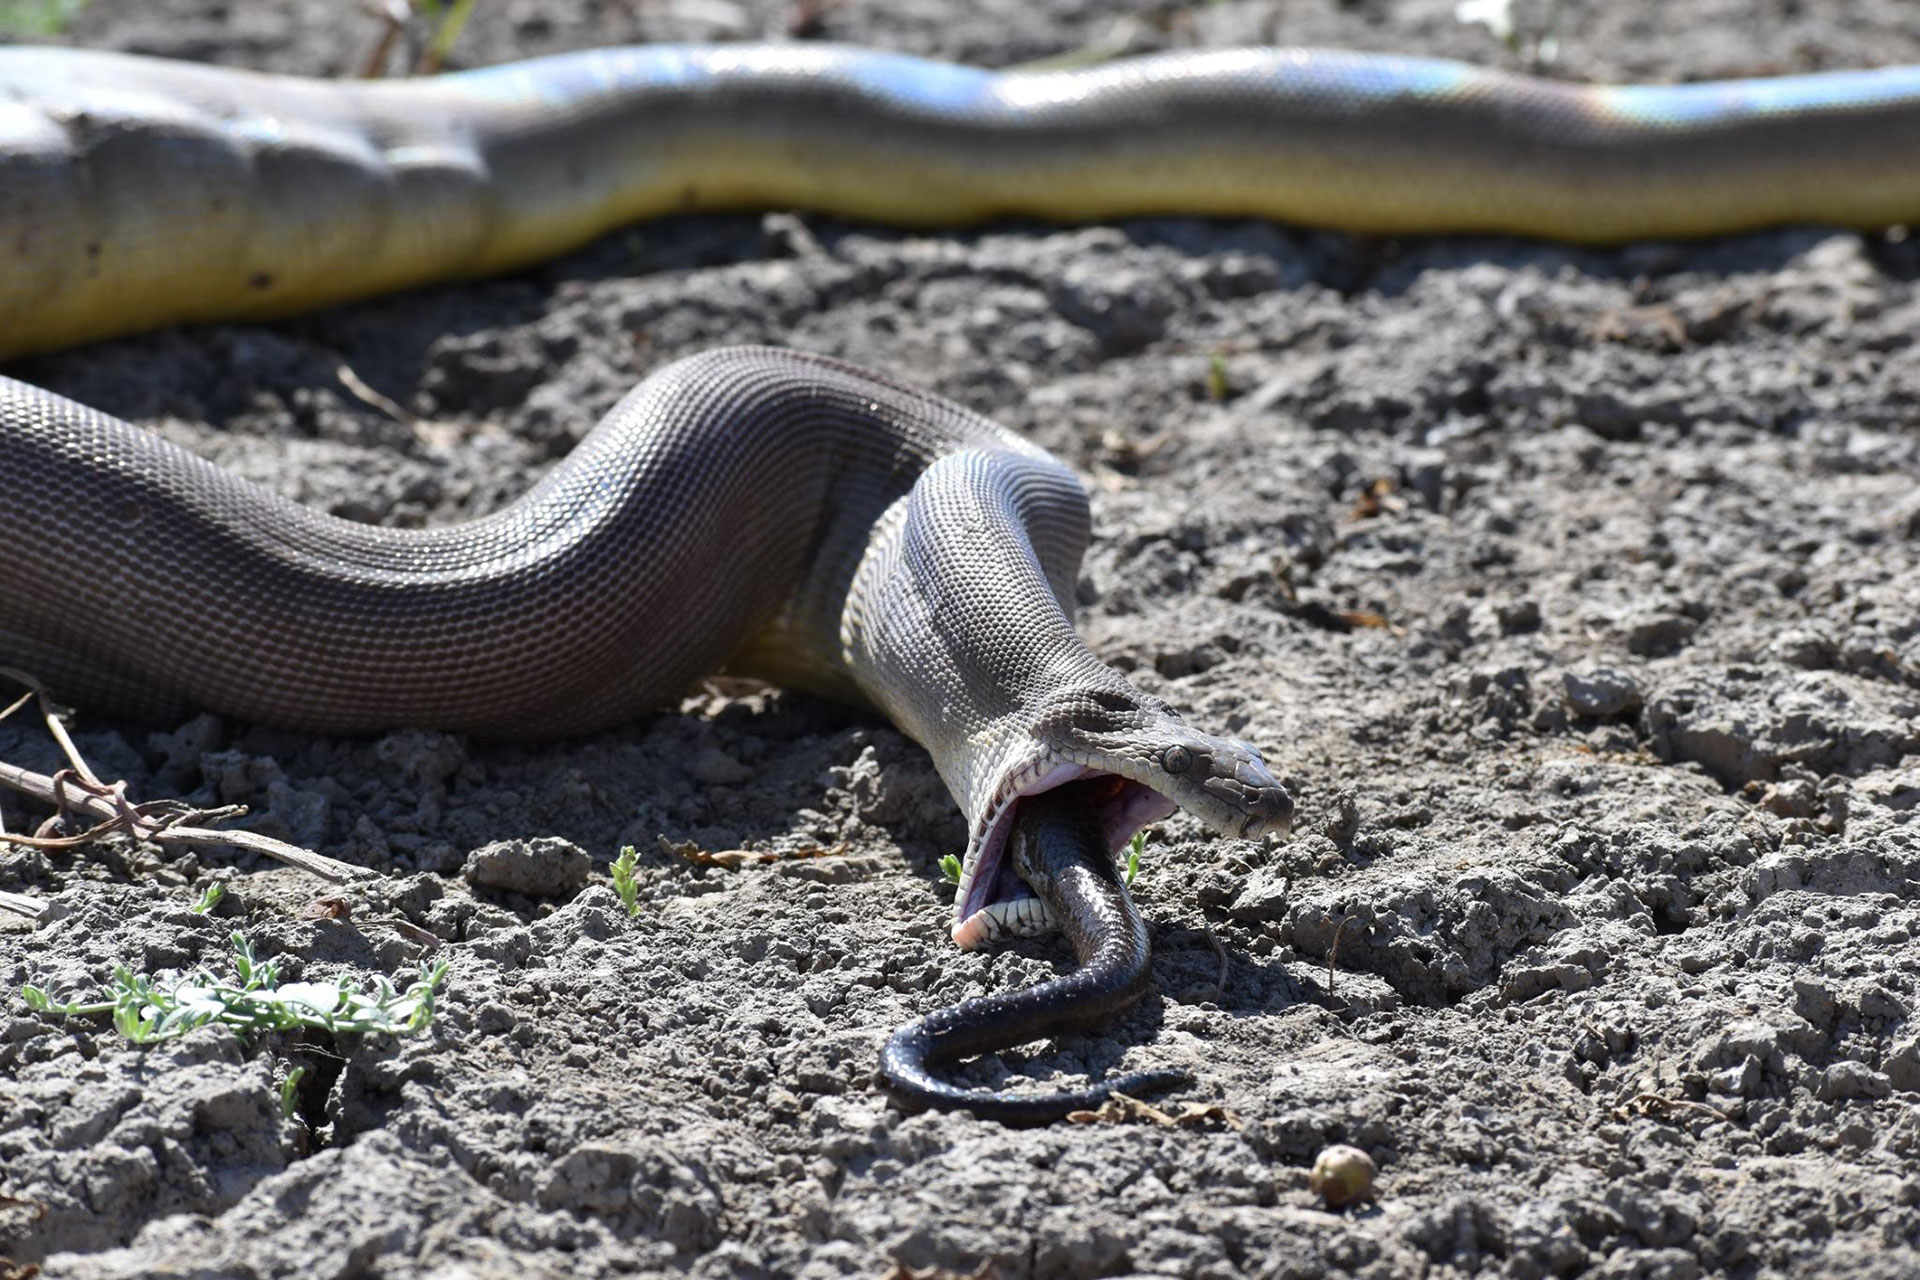 En principio, se confirmó que se trataba de otro reptil, por las escamas